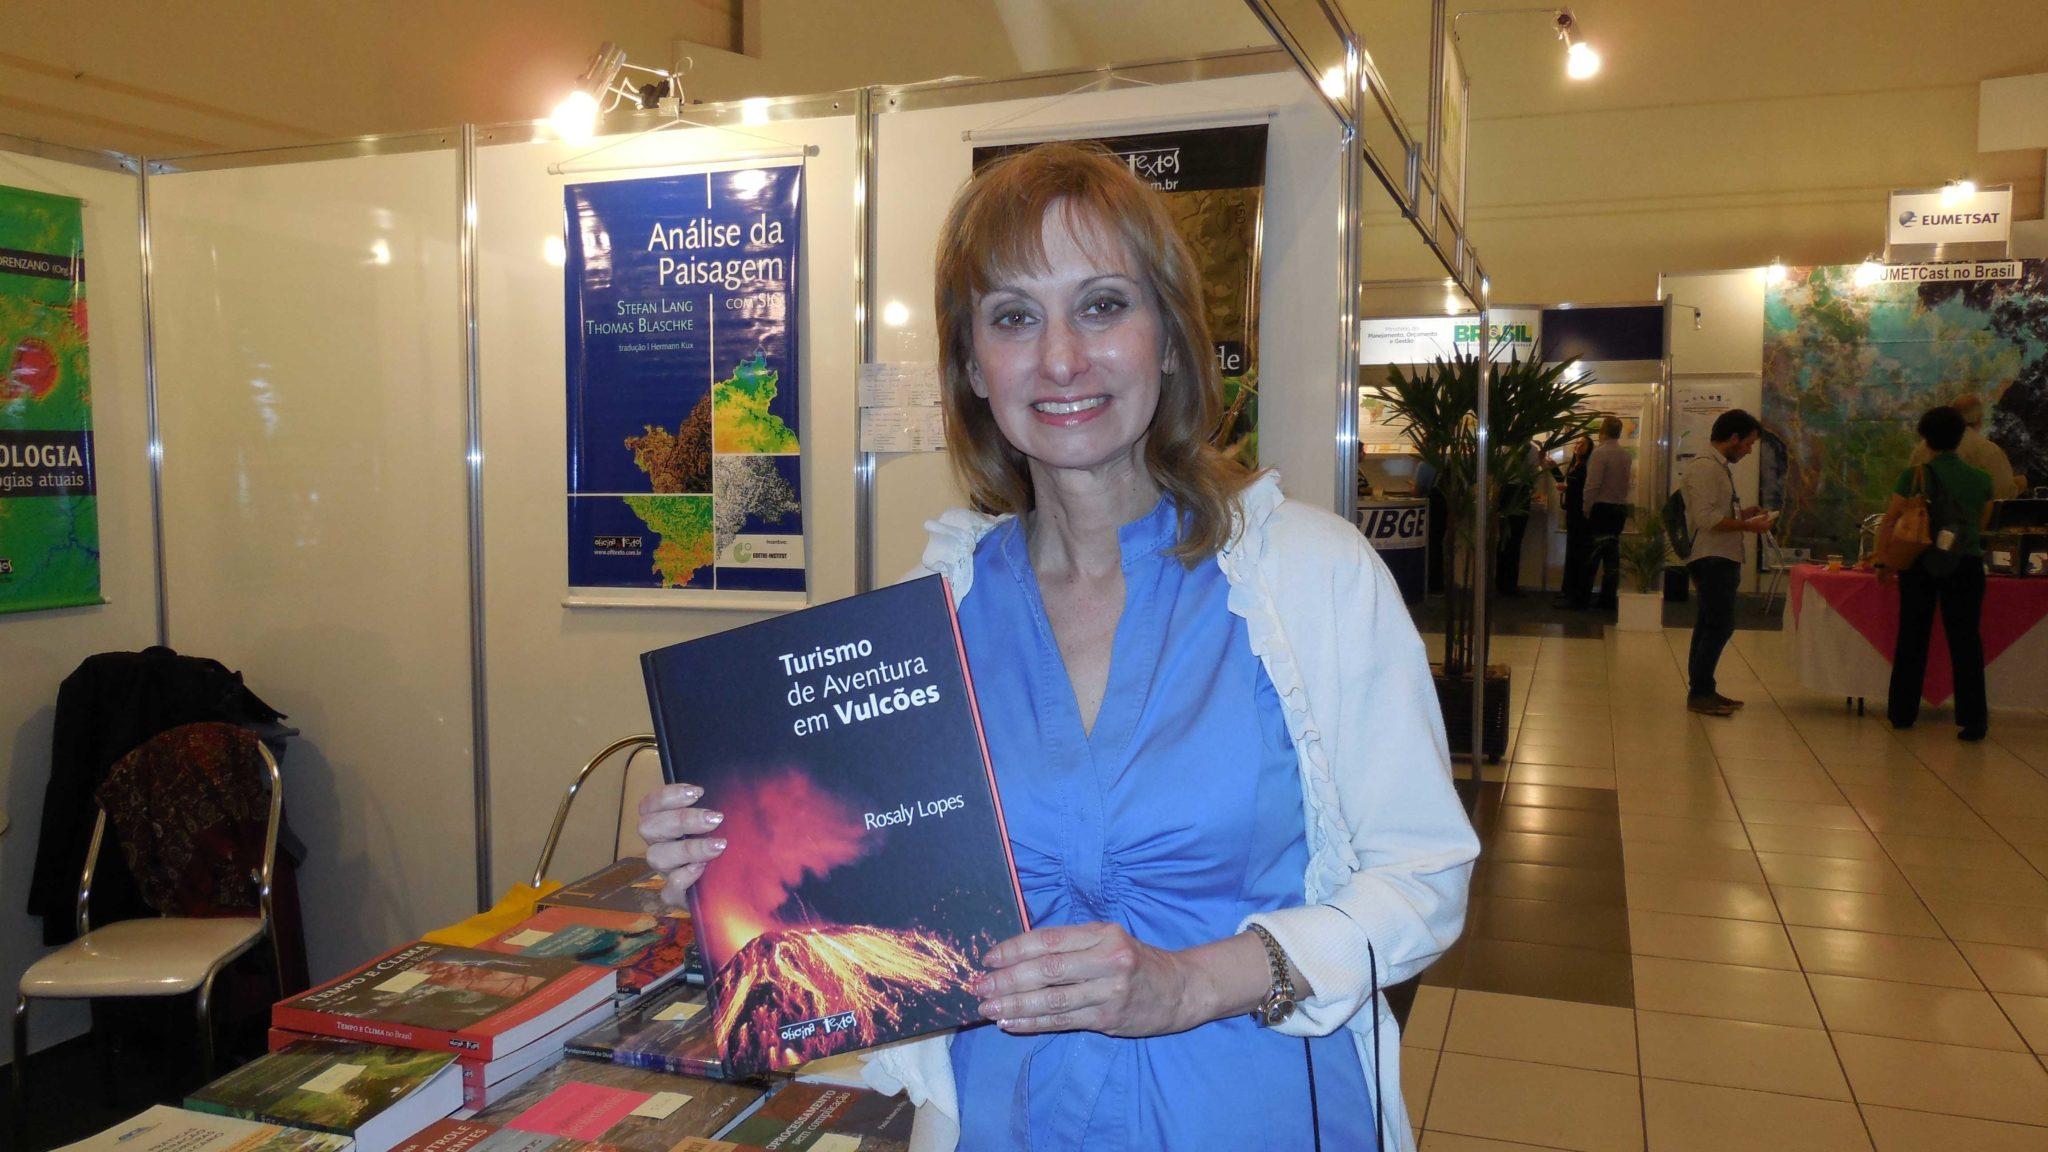 astrônoma brasileira rosaly lopes segura livro sobre vulcões feira científica